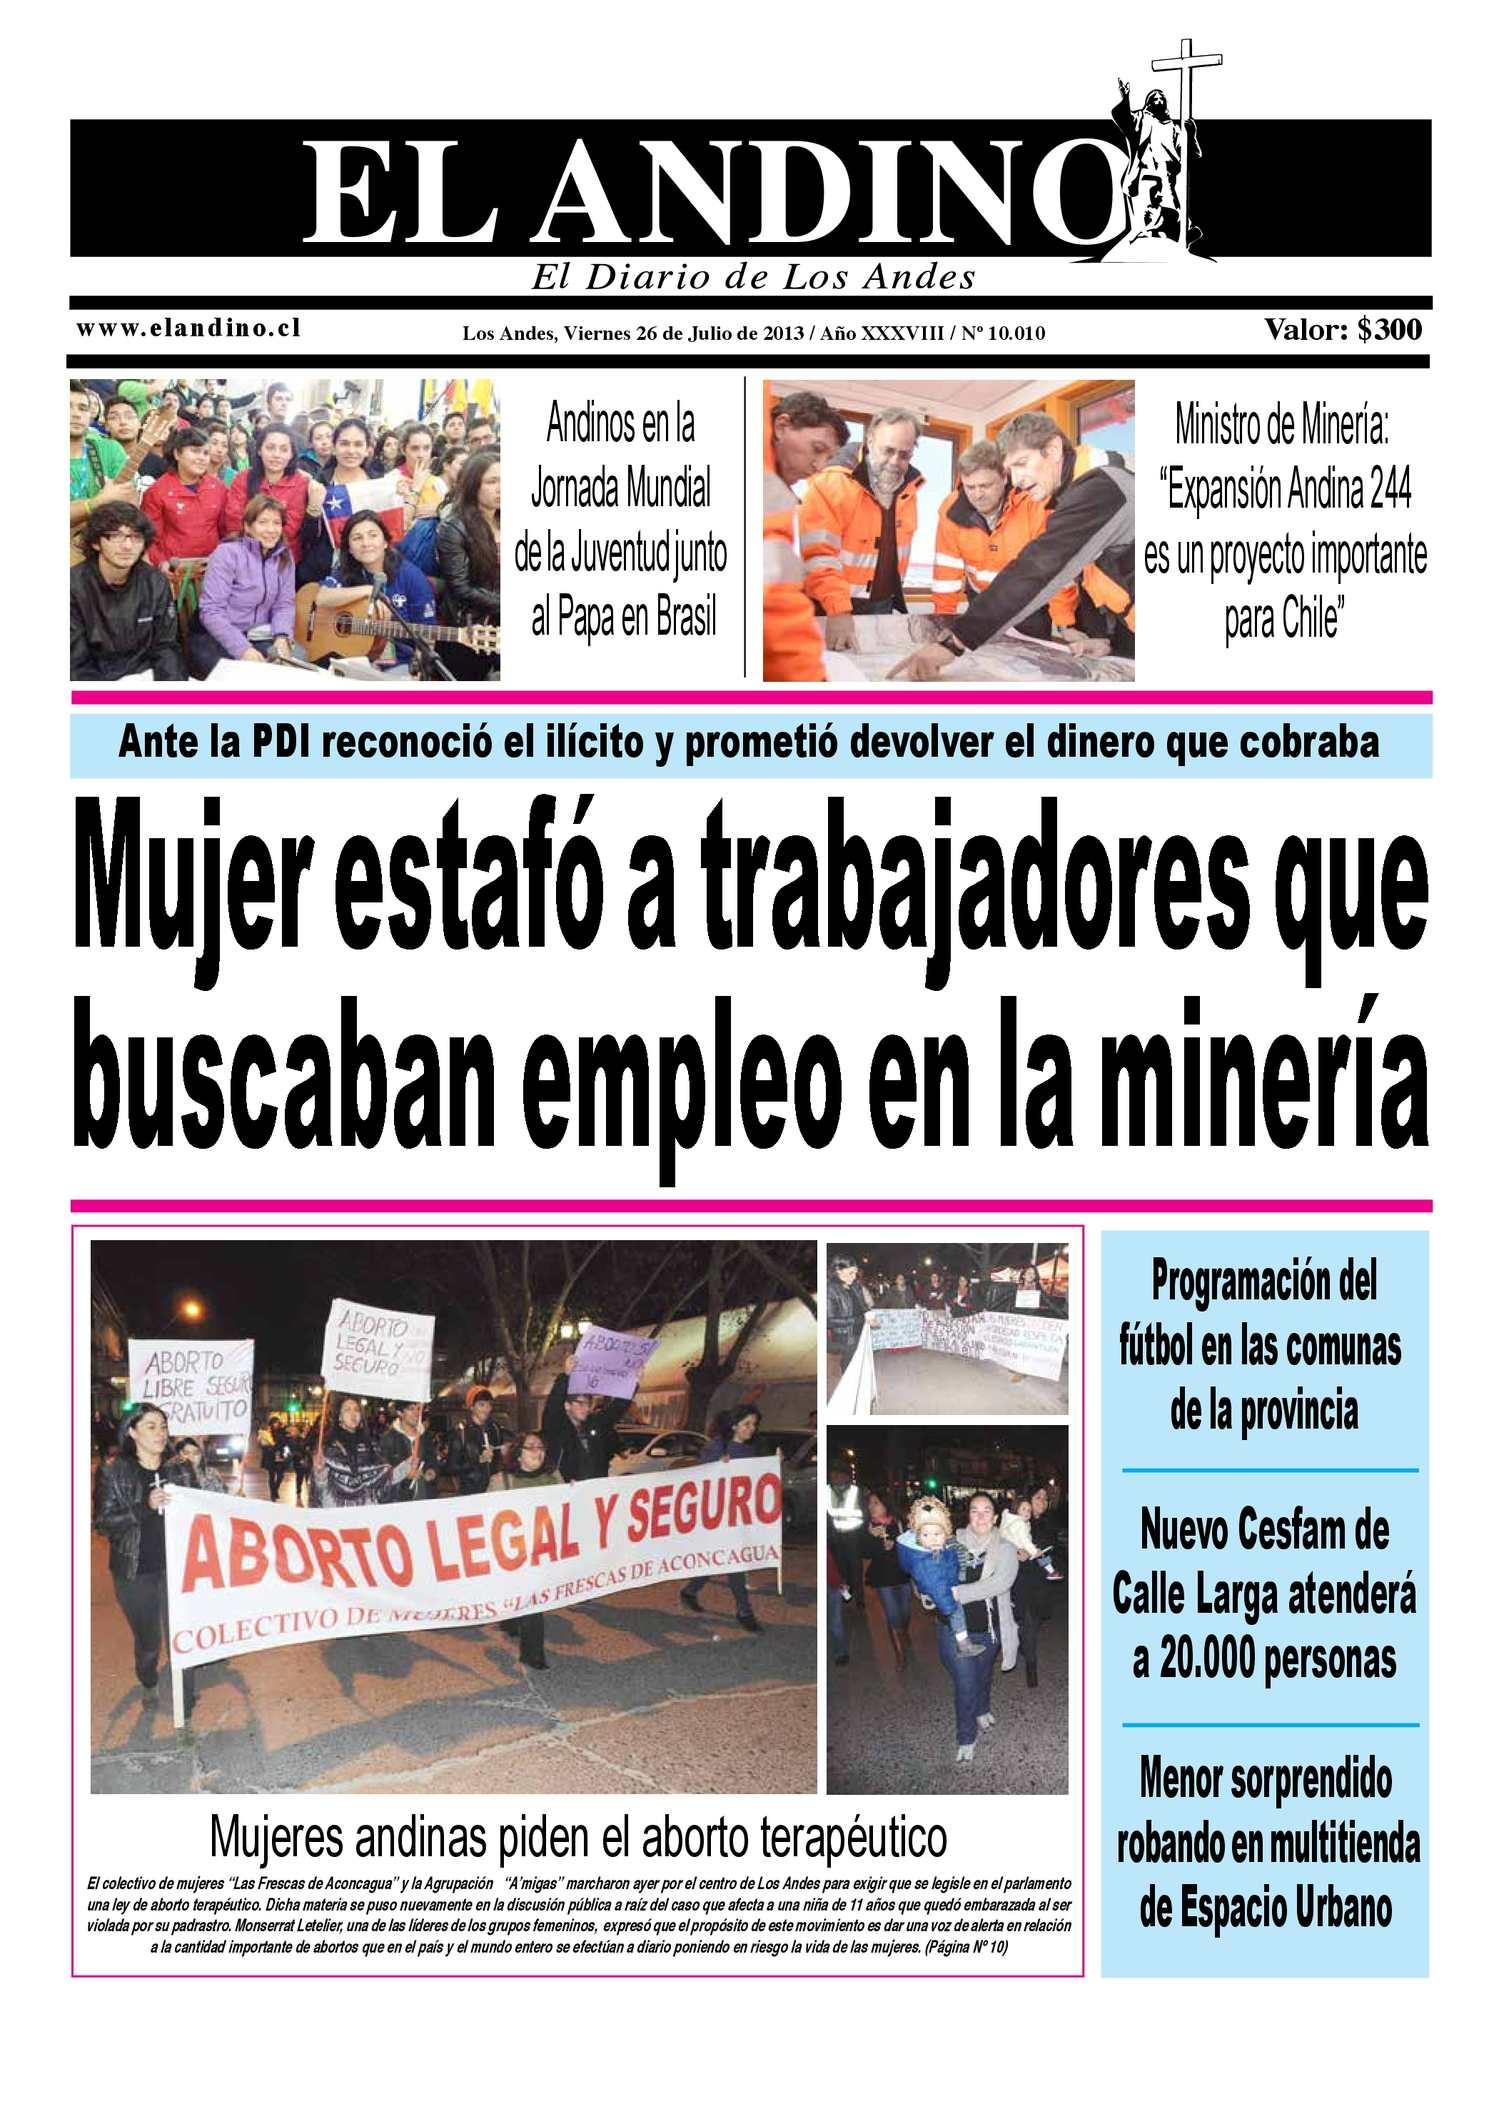 Calaméo - Diario El Andino - Viernes 26 de Julio de 2013